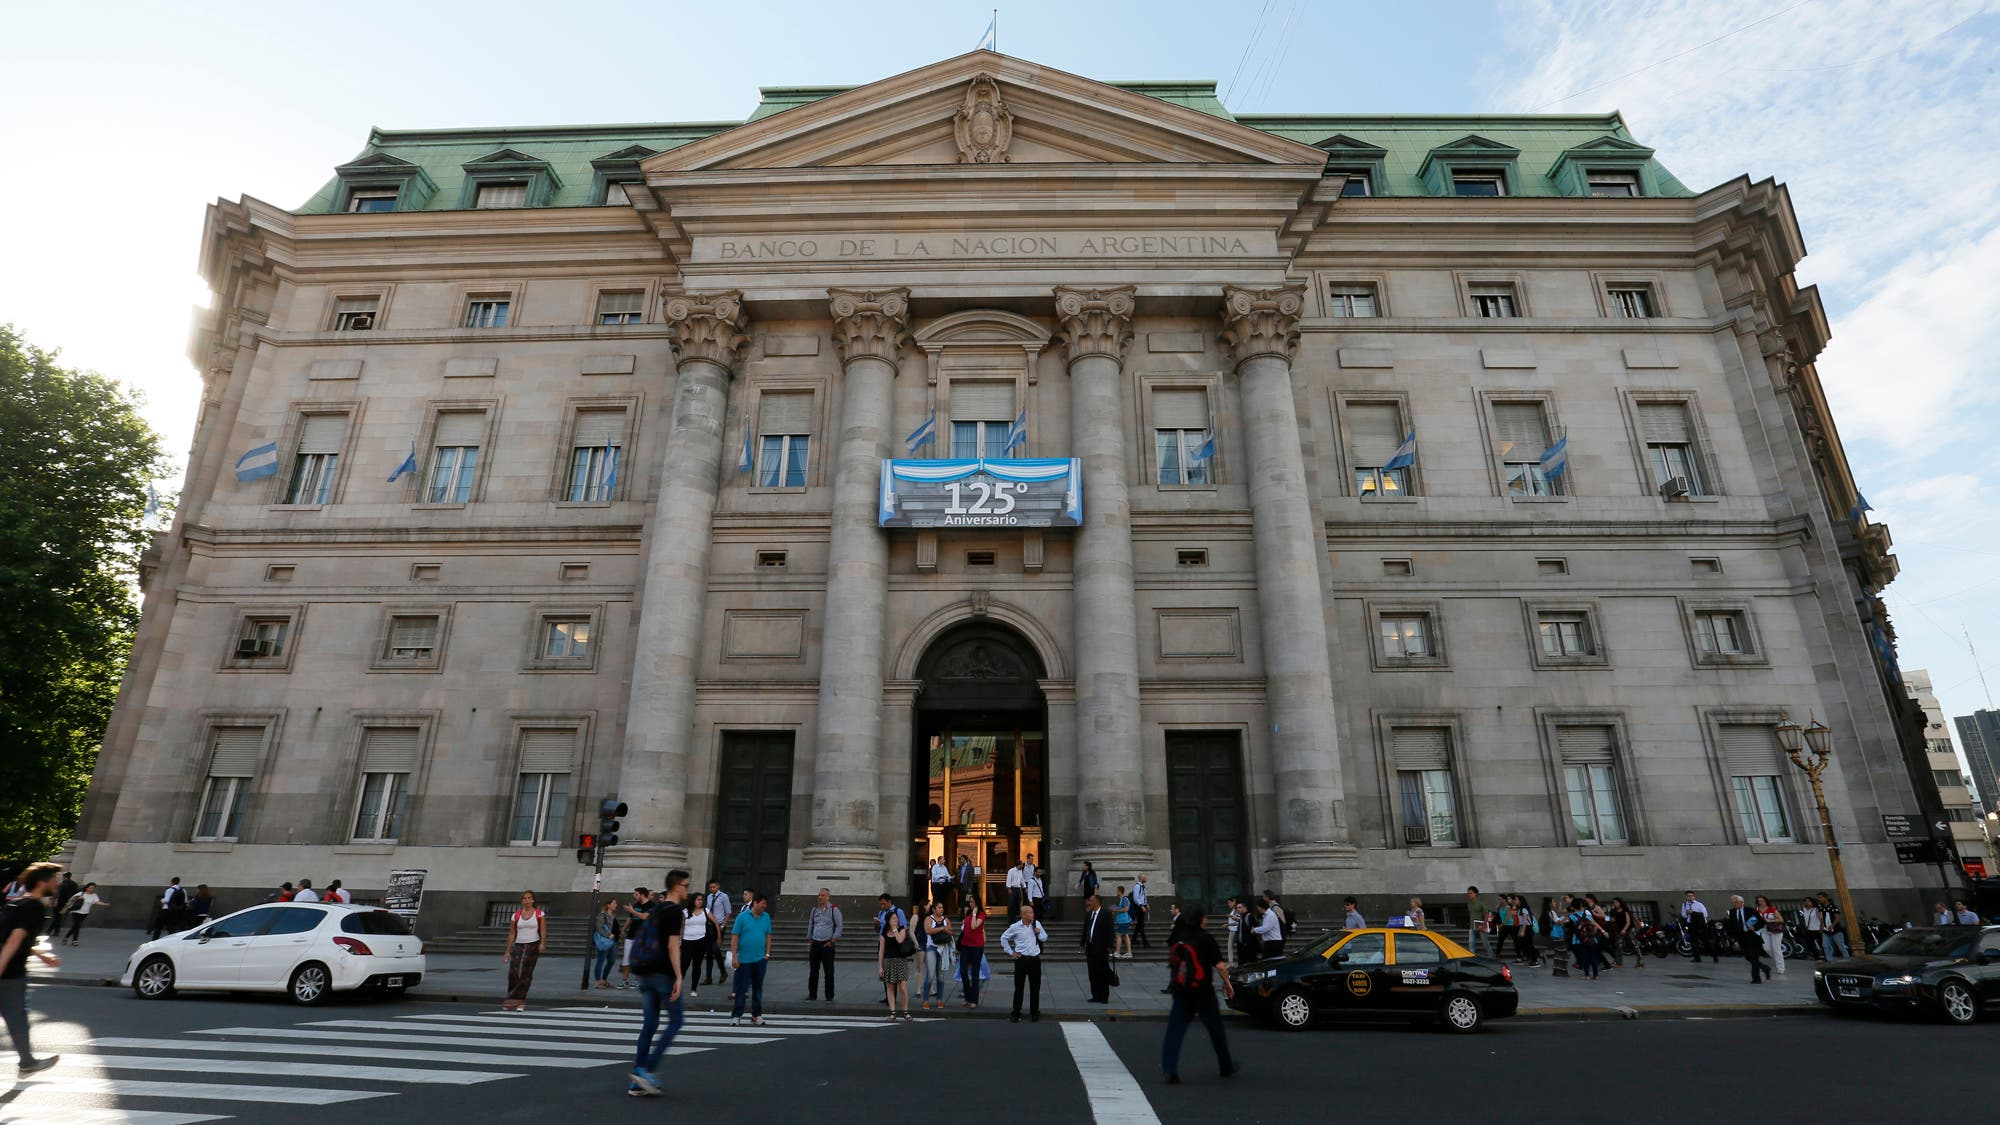 El edificio del Banco Nación: un monumento pensado para ser eterno